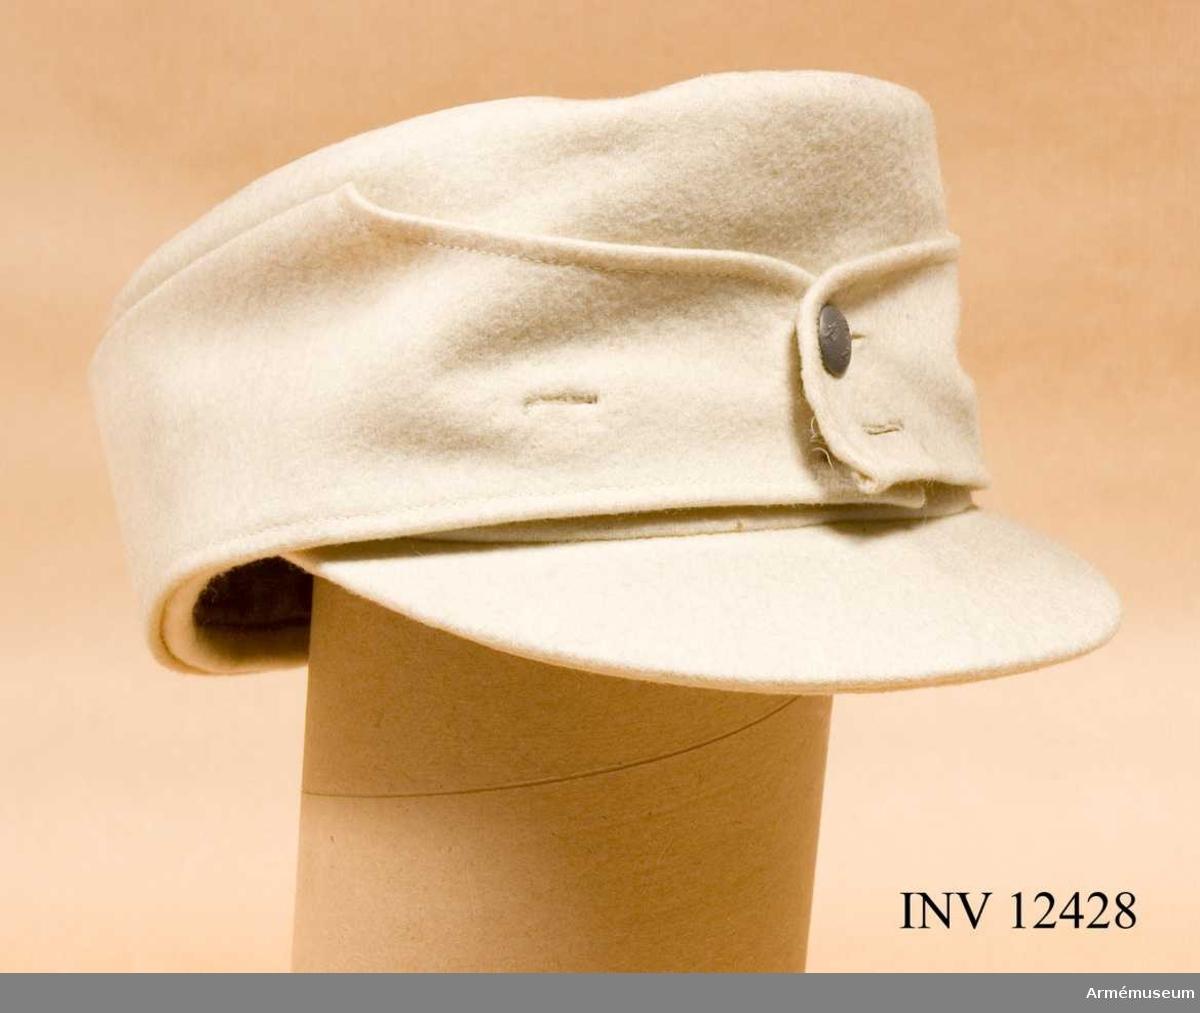 Grupp C I. Arbetsmodell å överdragsmössa fm/1941 f vinterbruk. Fastställd gm intendenturdepartementets beslut den 14jul 1941, dnr 3415 utr.